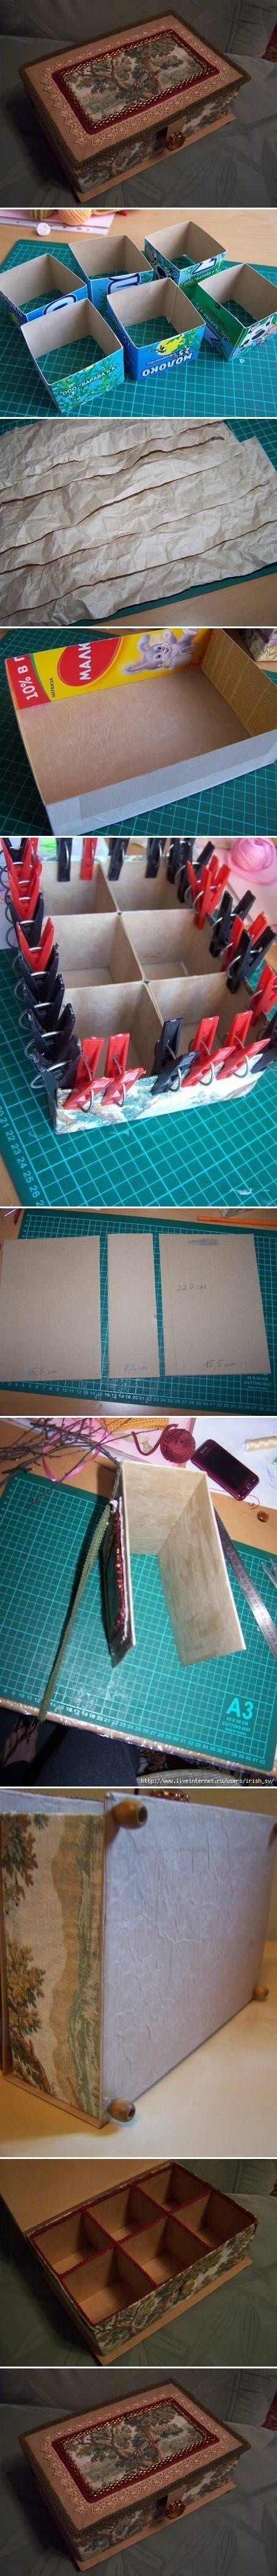 DIY Organizador de cartón Caja de cartón DIY Organizador Caja: